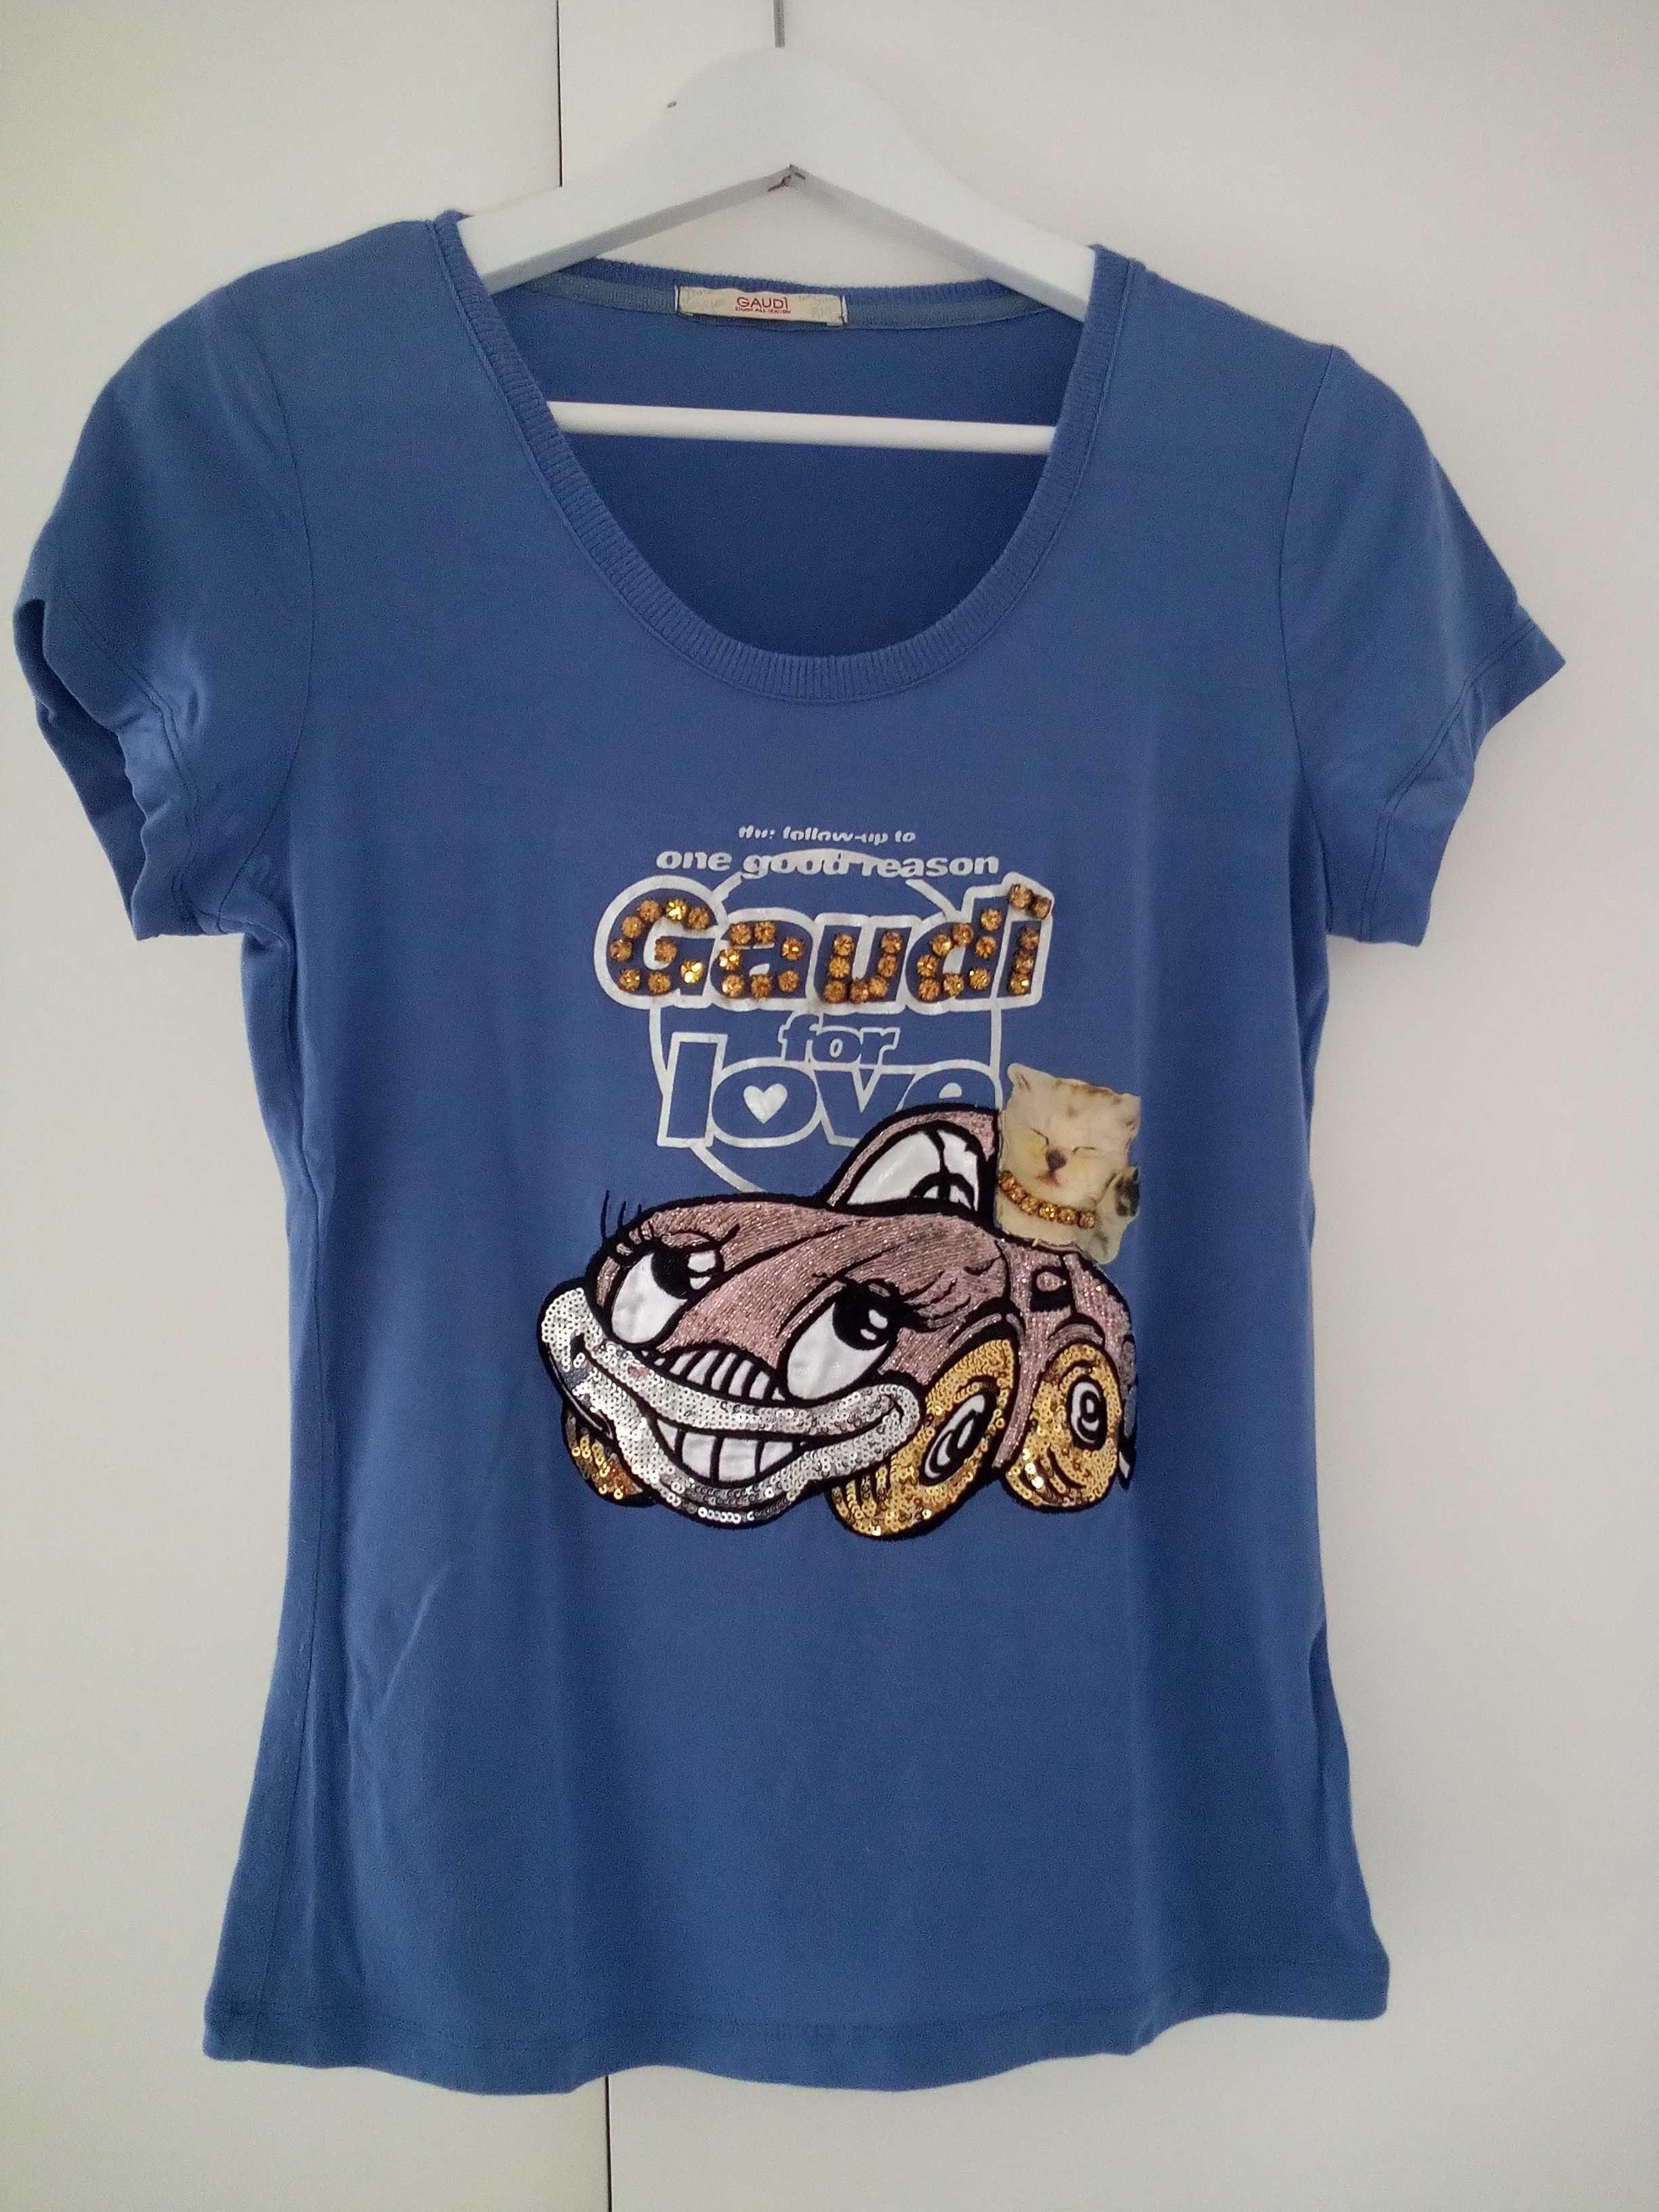 T-shirt original da Gaudí tamanho M